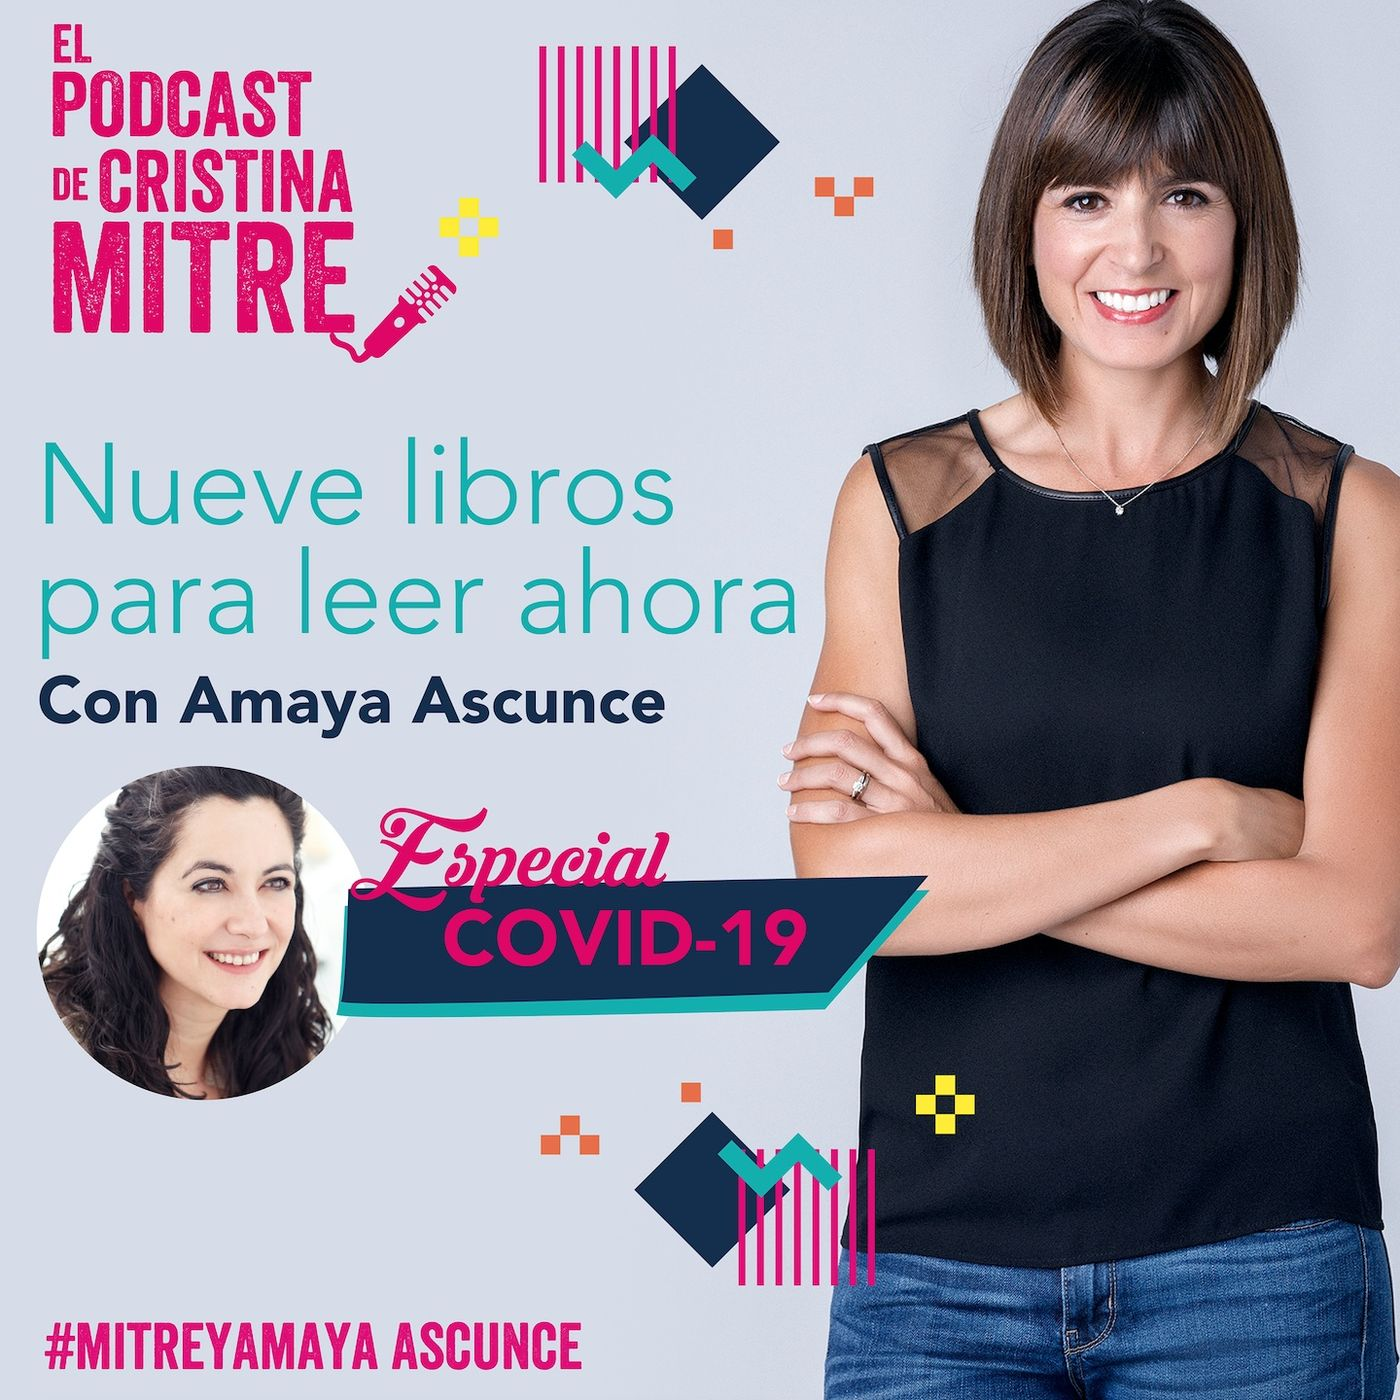 Nueve libros para leer ahora con Amaya Ascunce. Especial COVID-19